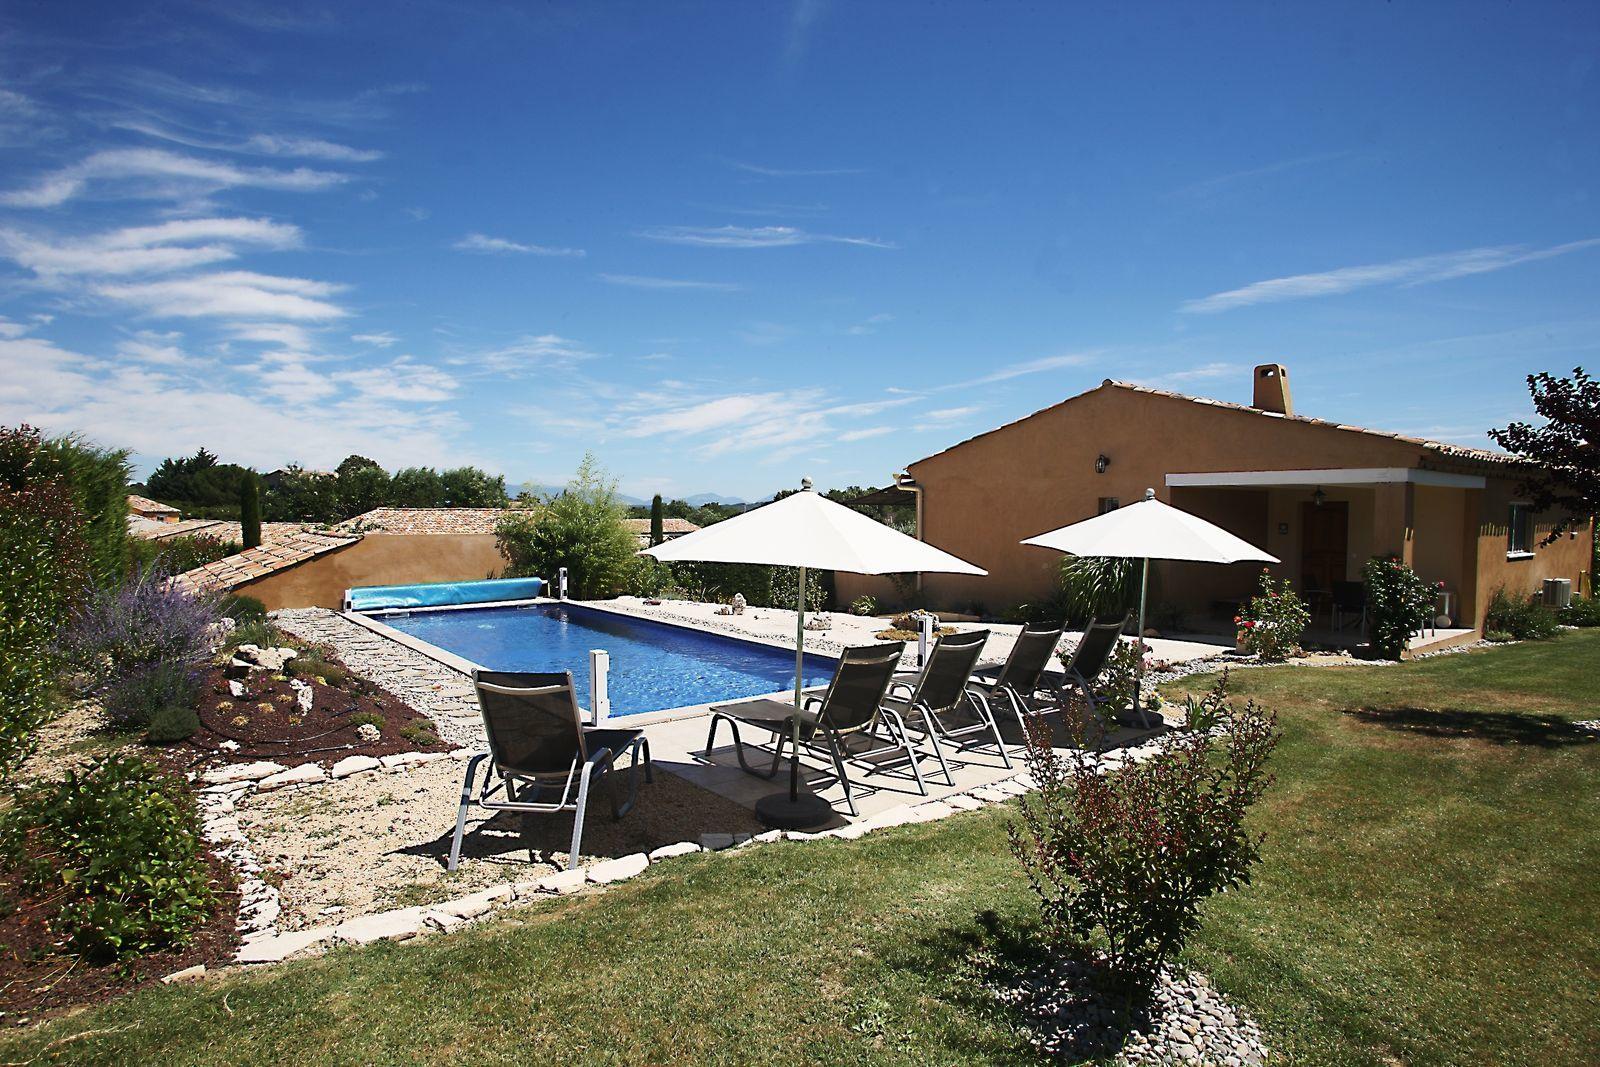 Park Beaudine - vakantievilla T4 met prive-zwembad in de Provence, Frankrijk